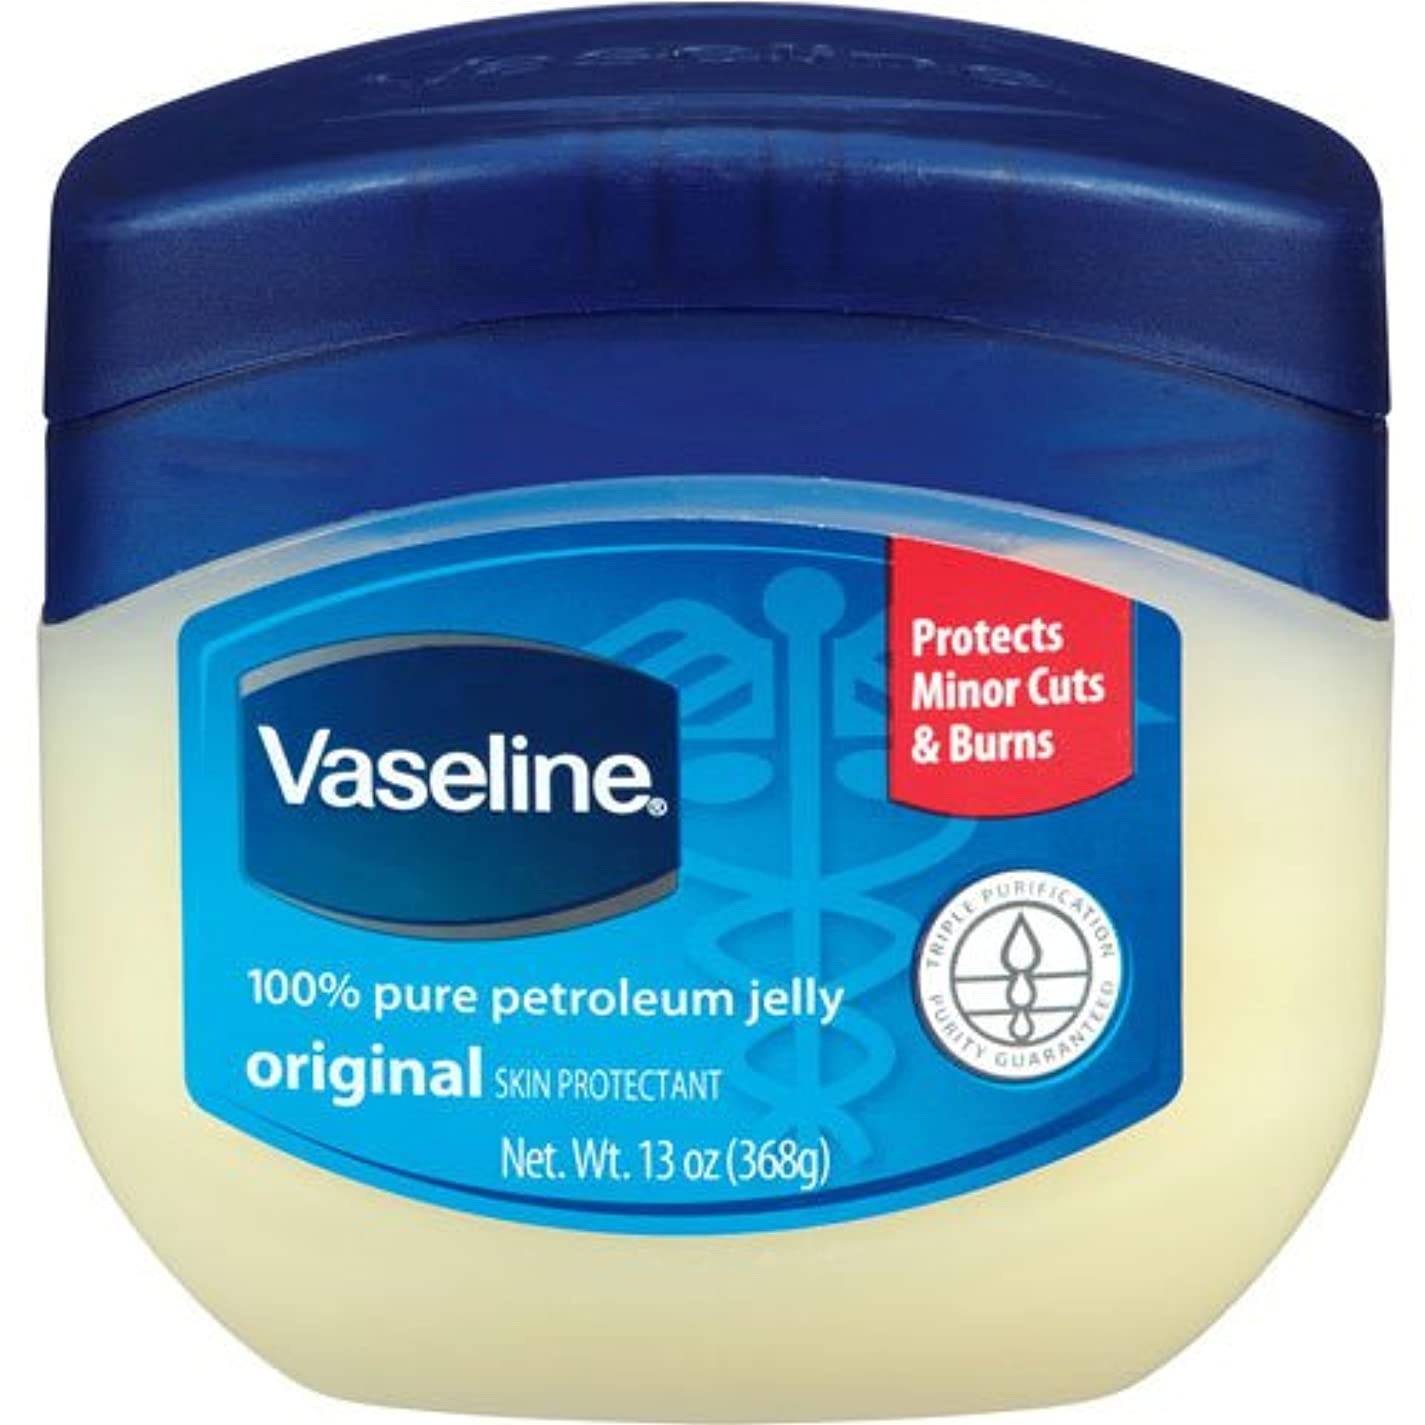 愚か医師案件ヴァセリン [Vaseline]ペトロリュームジェリージャータイプ[保湿クリーム]368g[並行輸入品]